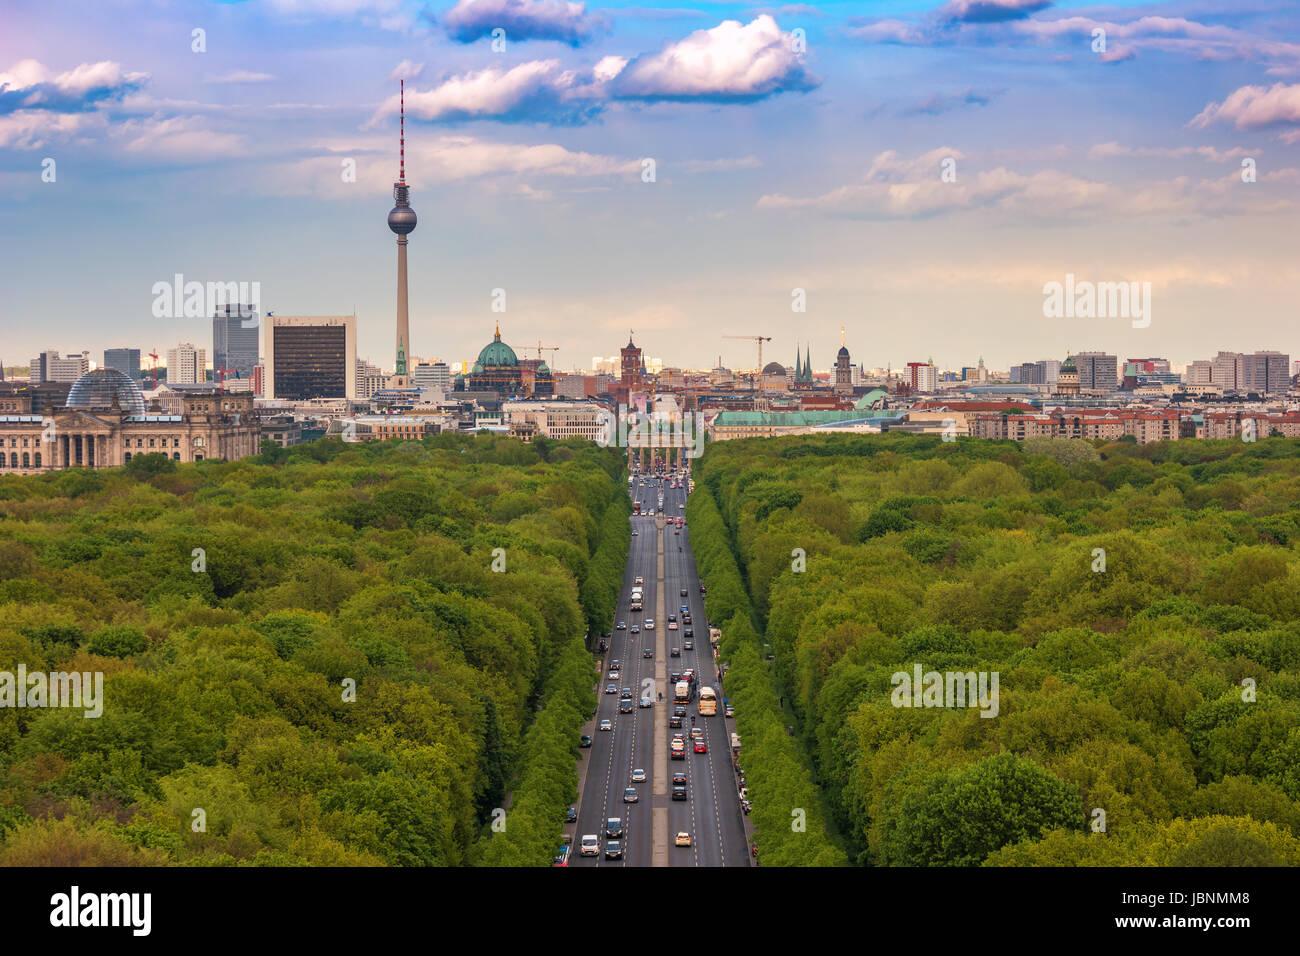 Ciudad y Tiergarten de Berlín, Berlín, Alemania Imagen De Stock